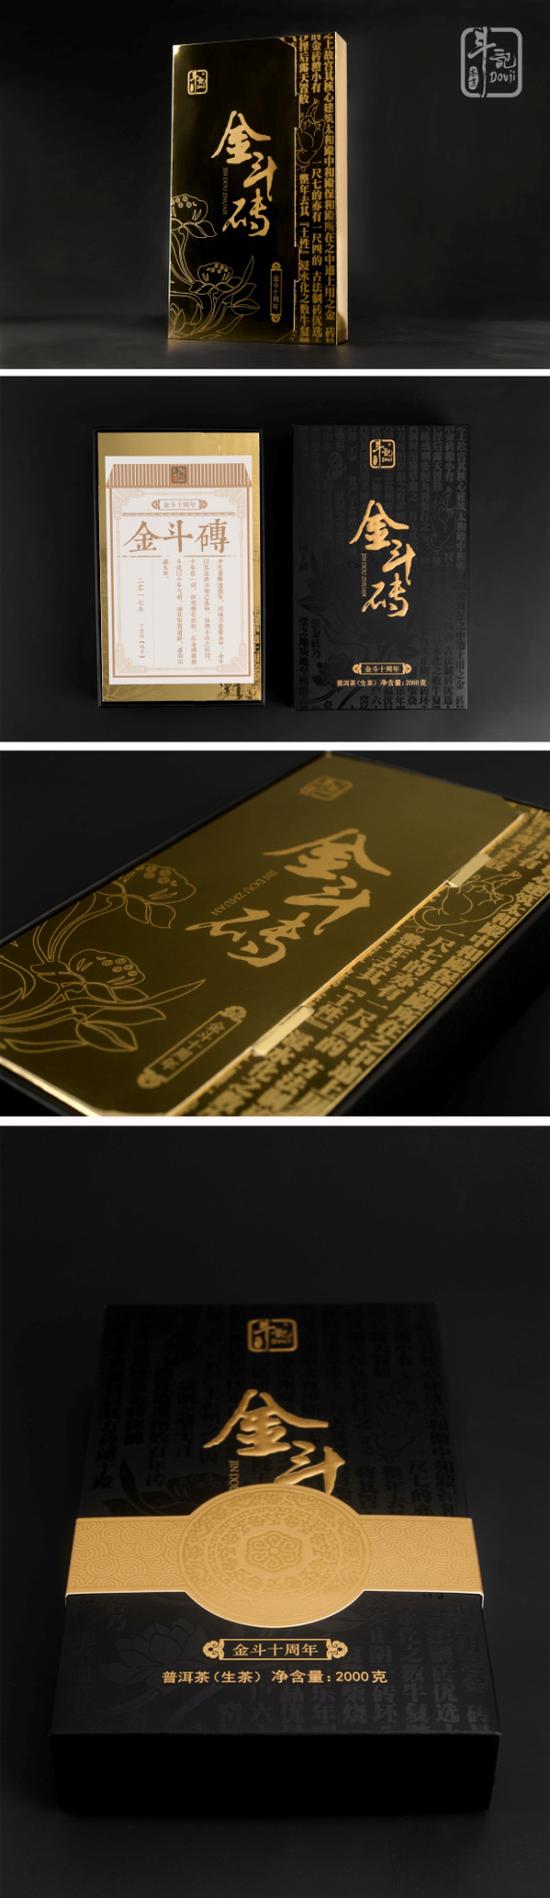 【独特金属质感、金色与玄色的完美融合、霸气腰封】